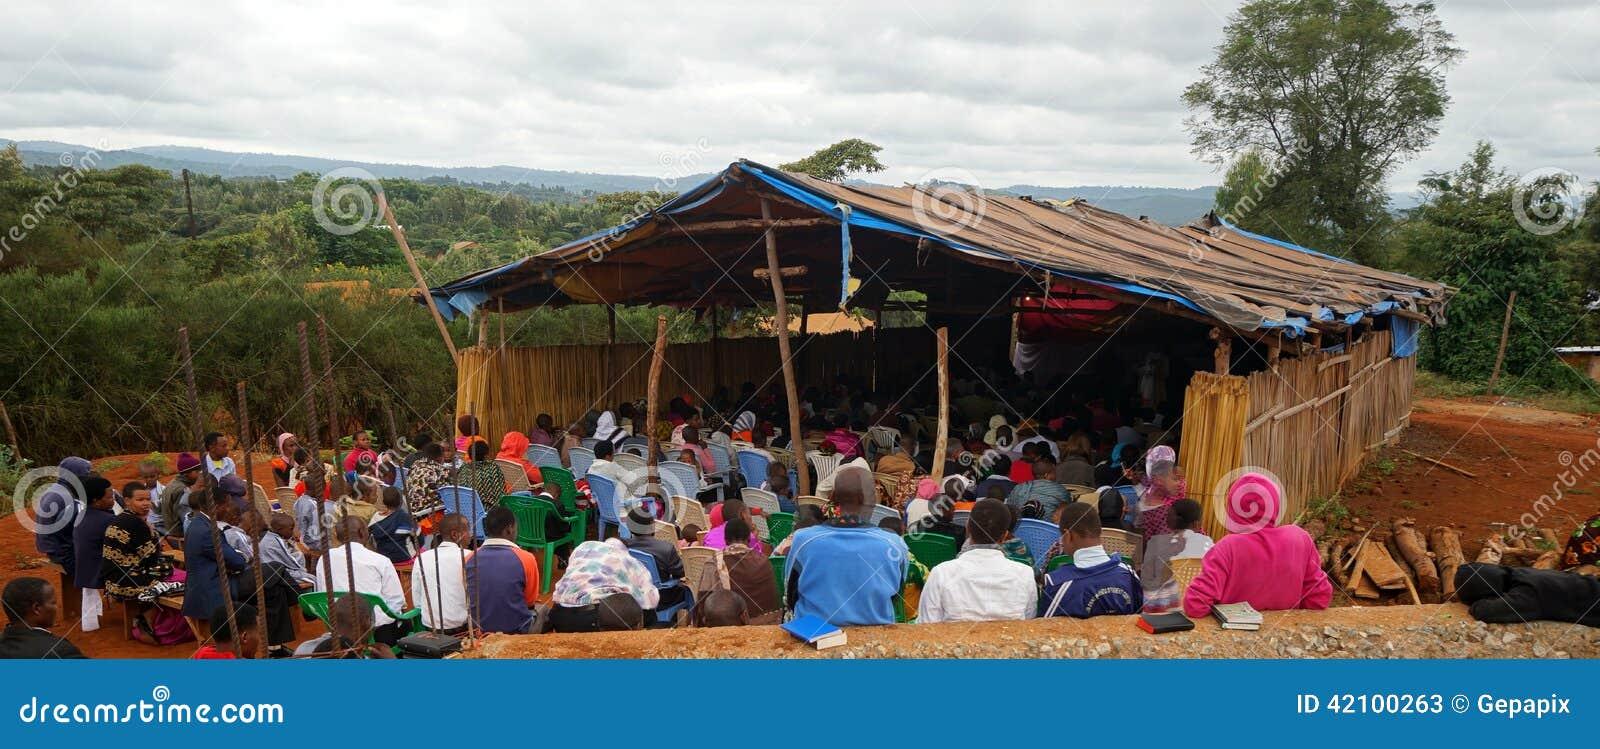 Protestant Church in Tanzania